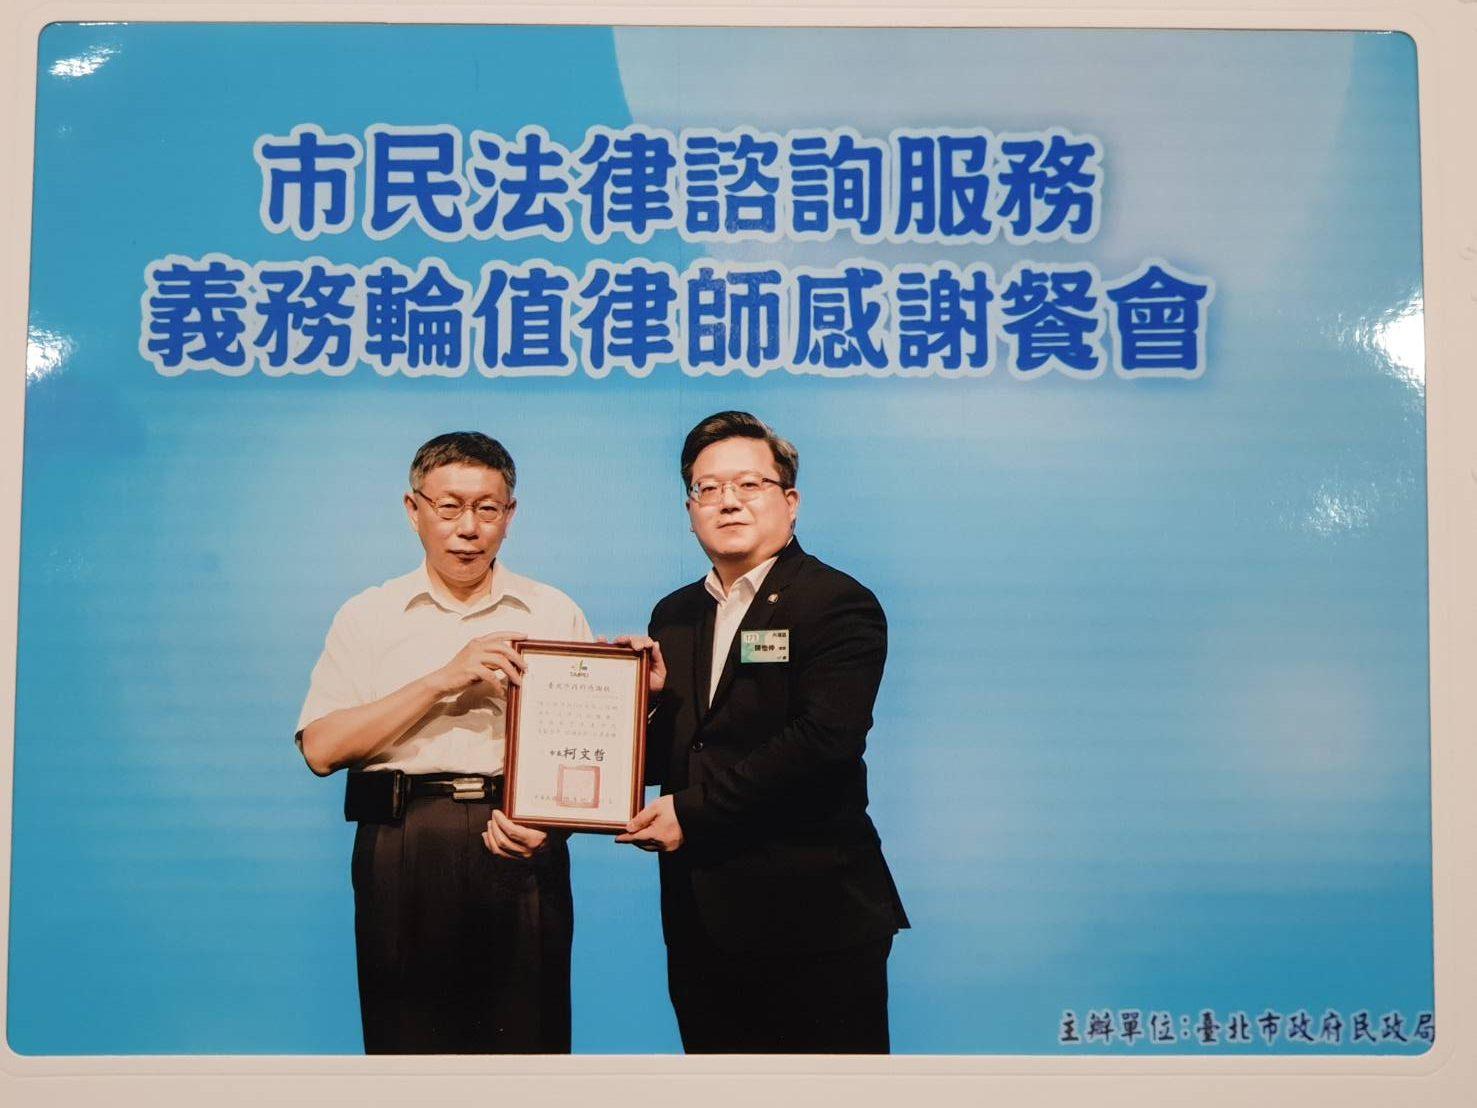 本所陳怡伸律師獲頒台北市政府感謝狀